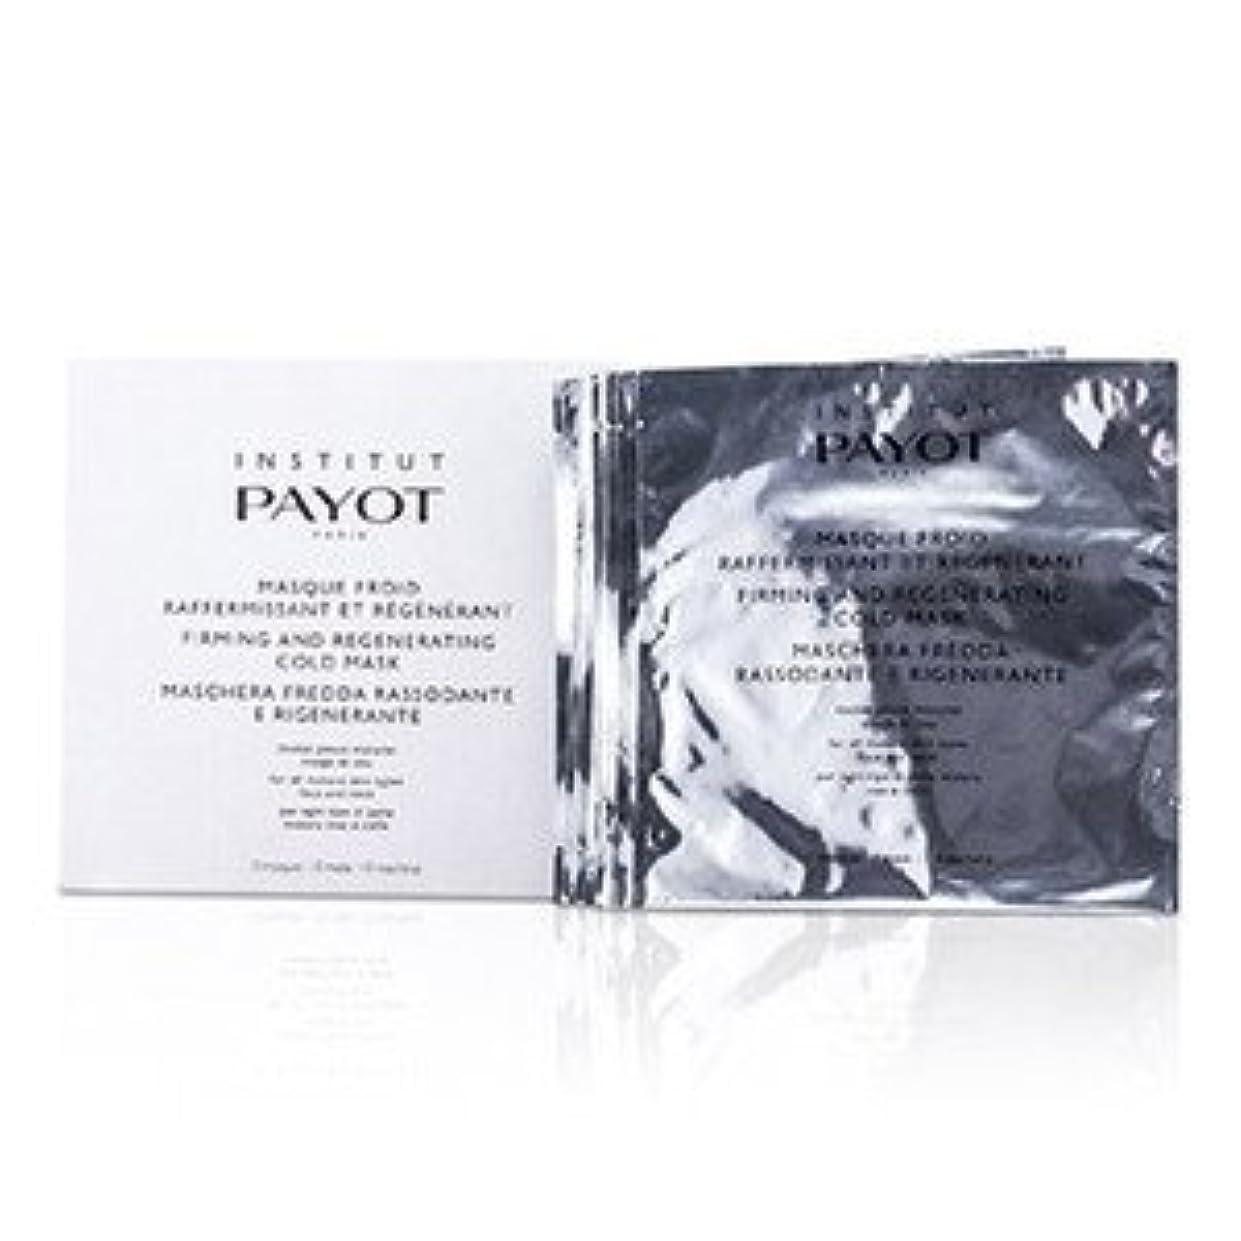 ナビゲーションみぞれ伝記Payot ファーミング&リジェネレーティング コールド マスク 10枚入り [並行輸入品]